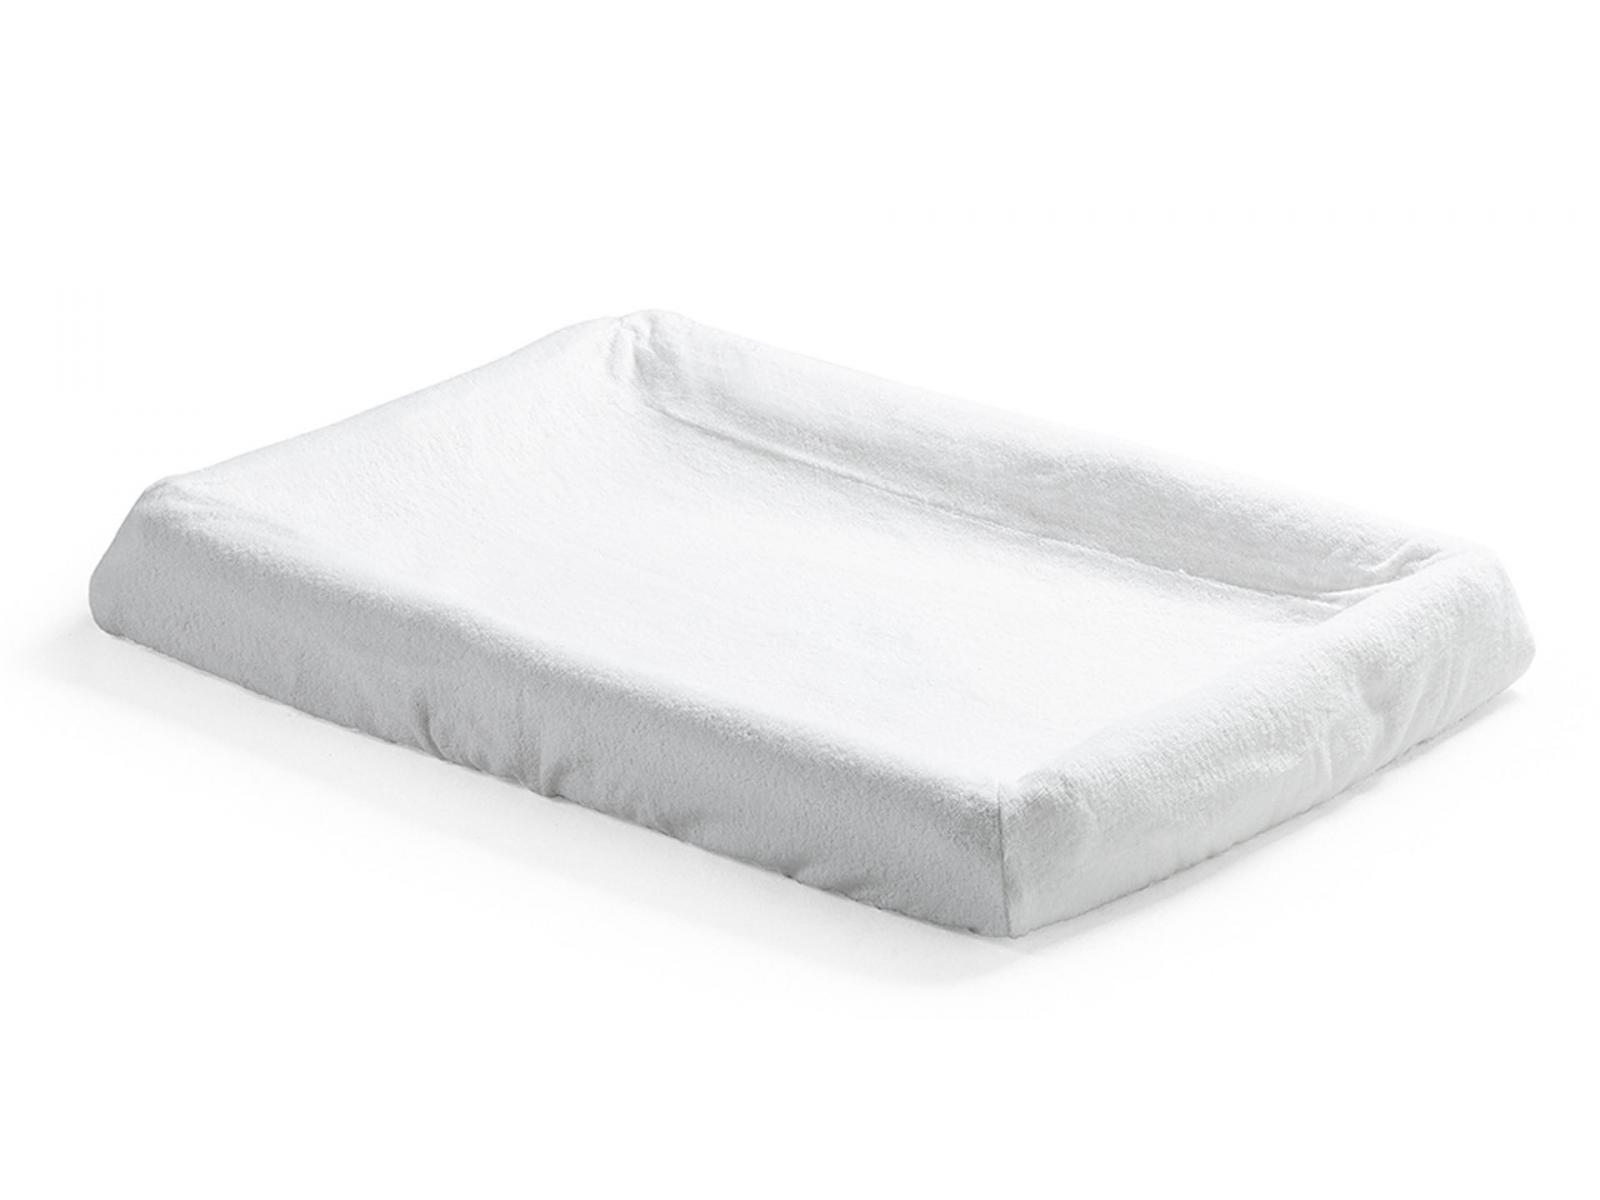 stokke housse de matelas langer home 2pcs blanc. Black Bedroom Furniture Sets. Home Design Ideas